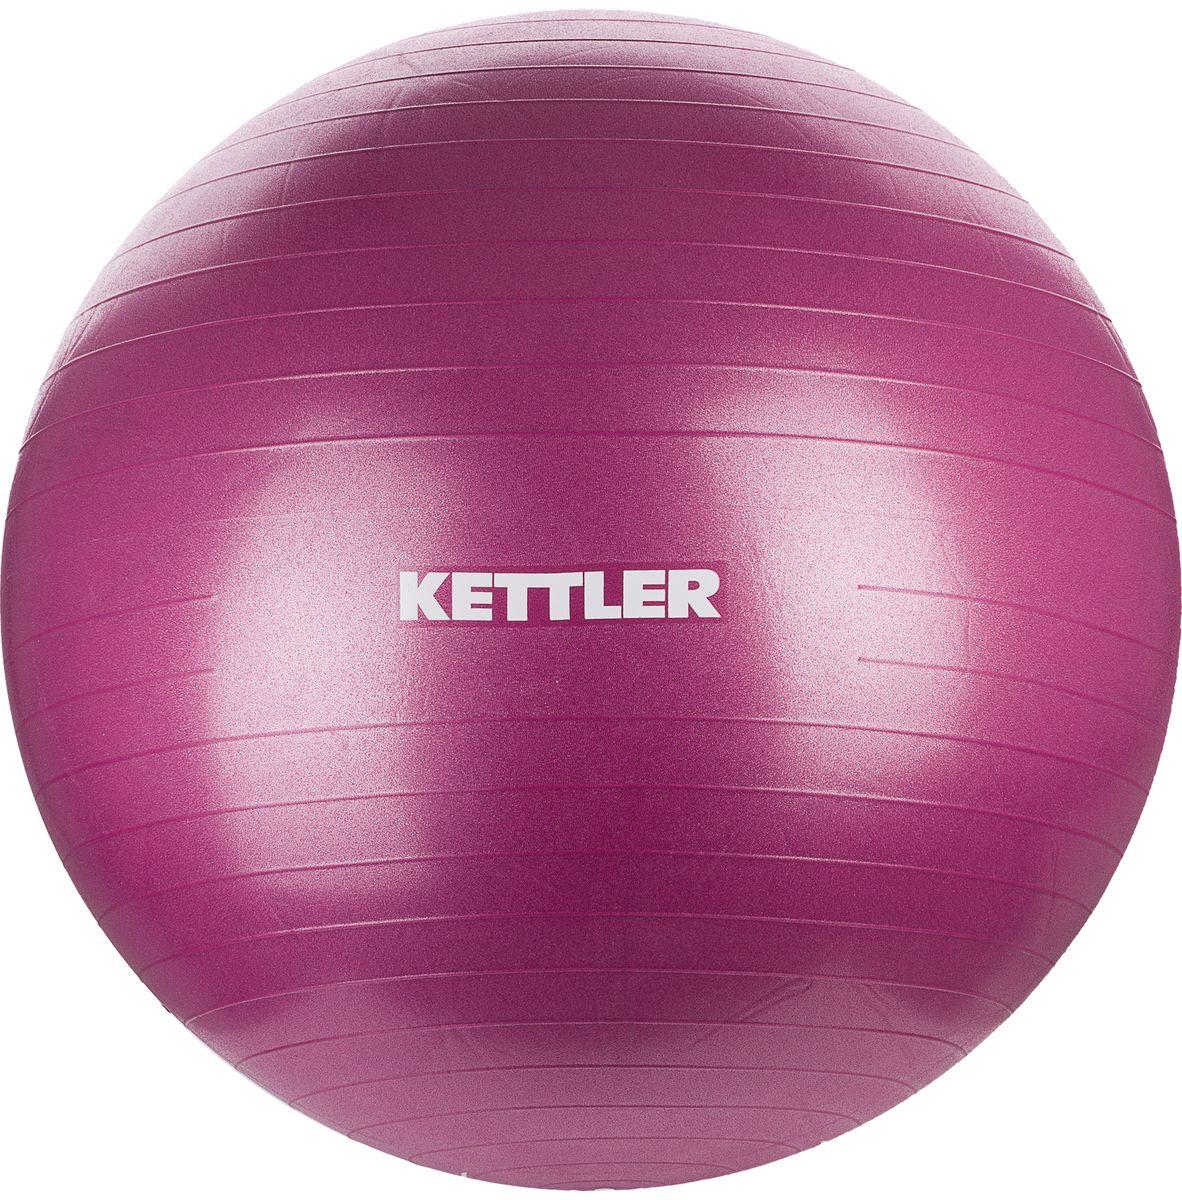 Мяч гимнастический Kettler, цвет: бордовый, 75 см коврик гимнастический kettler цвет голубой 173 х 61 см